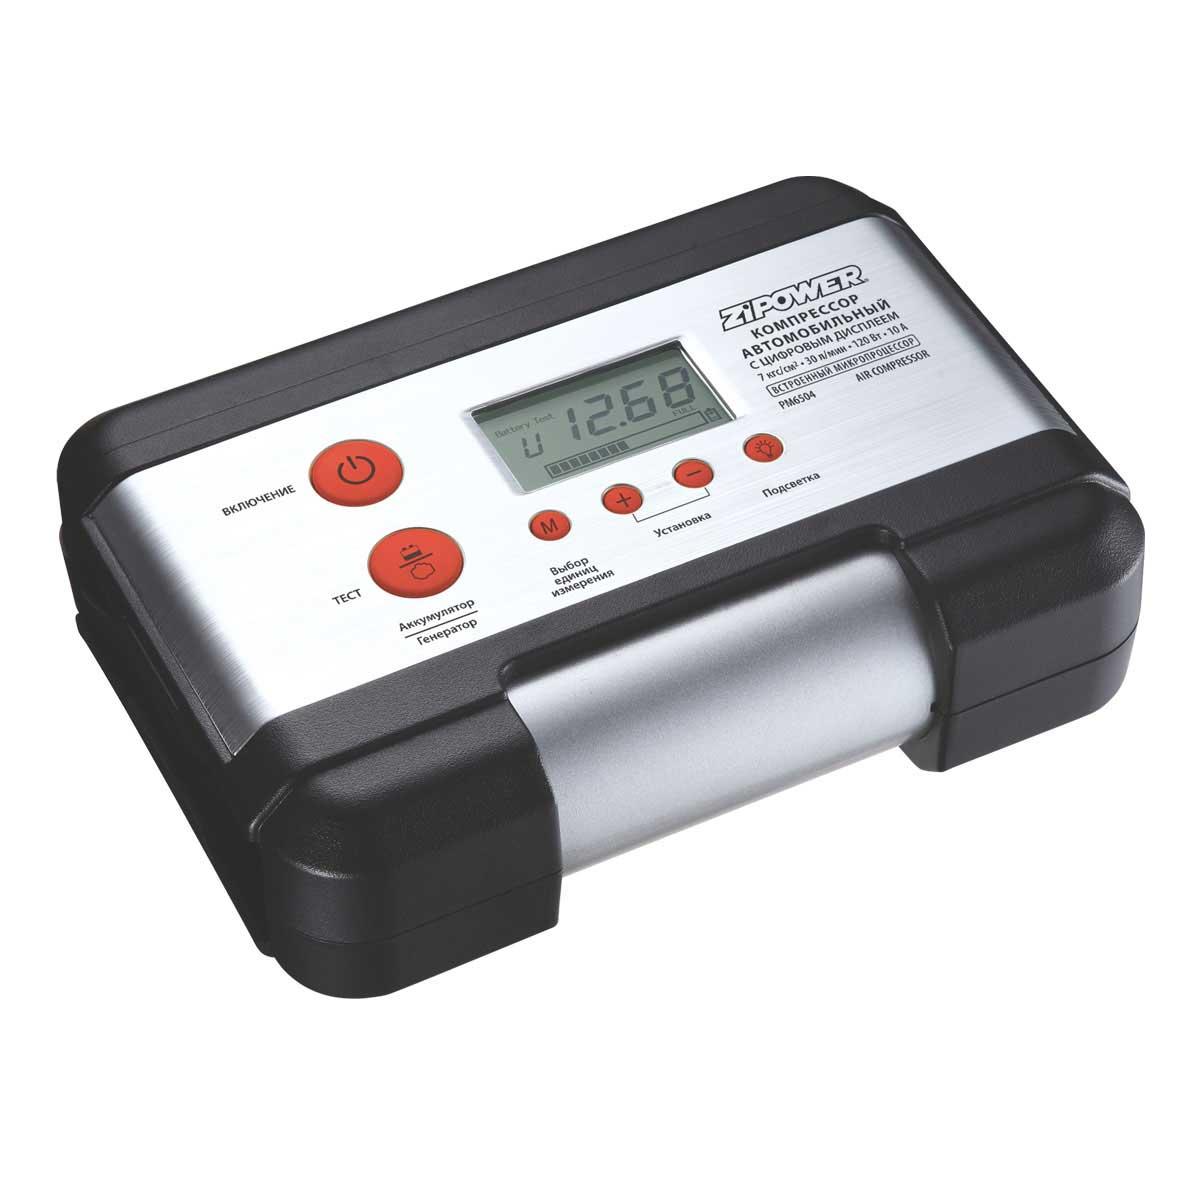 Автомобильный компрессор с цифровым дисплеем, 12 В, 120 Вт, 7 атм, 30 л/мин Zipower